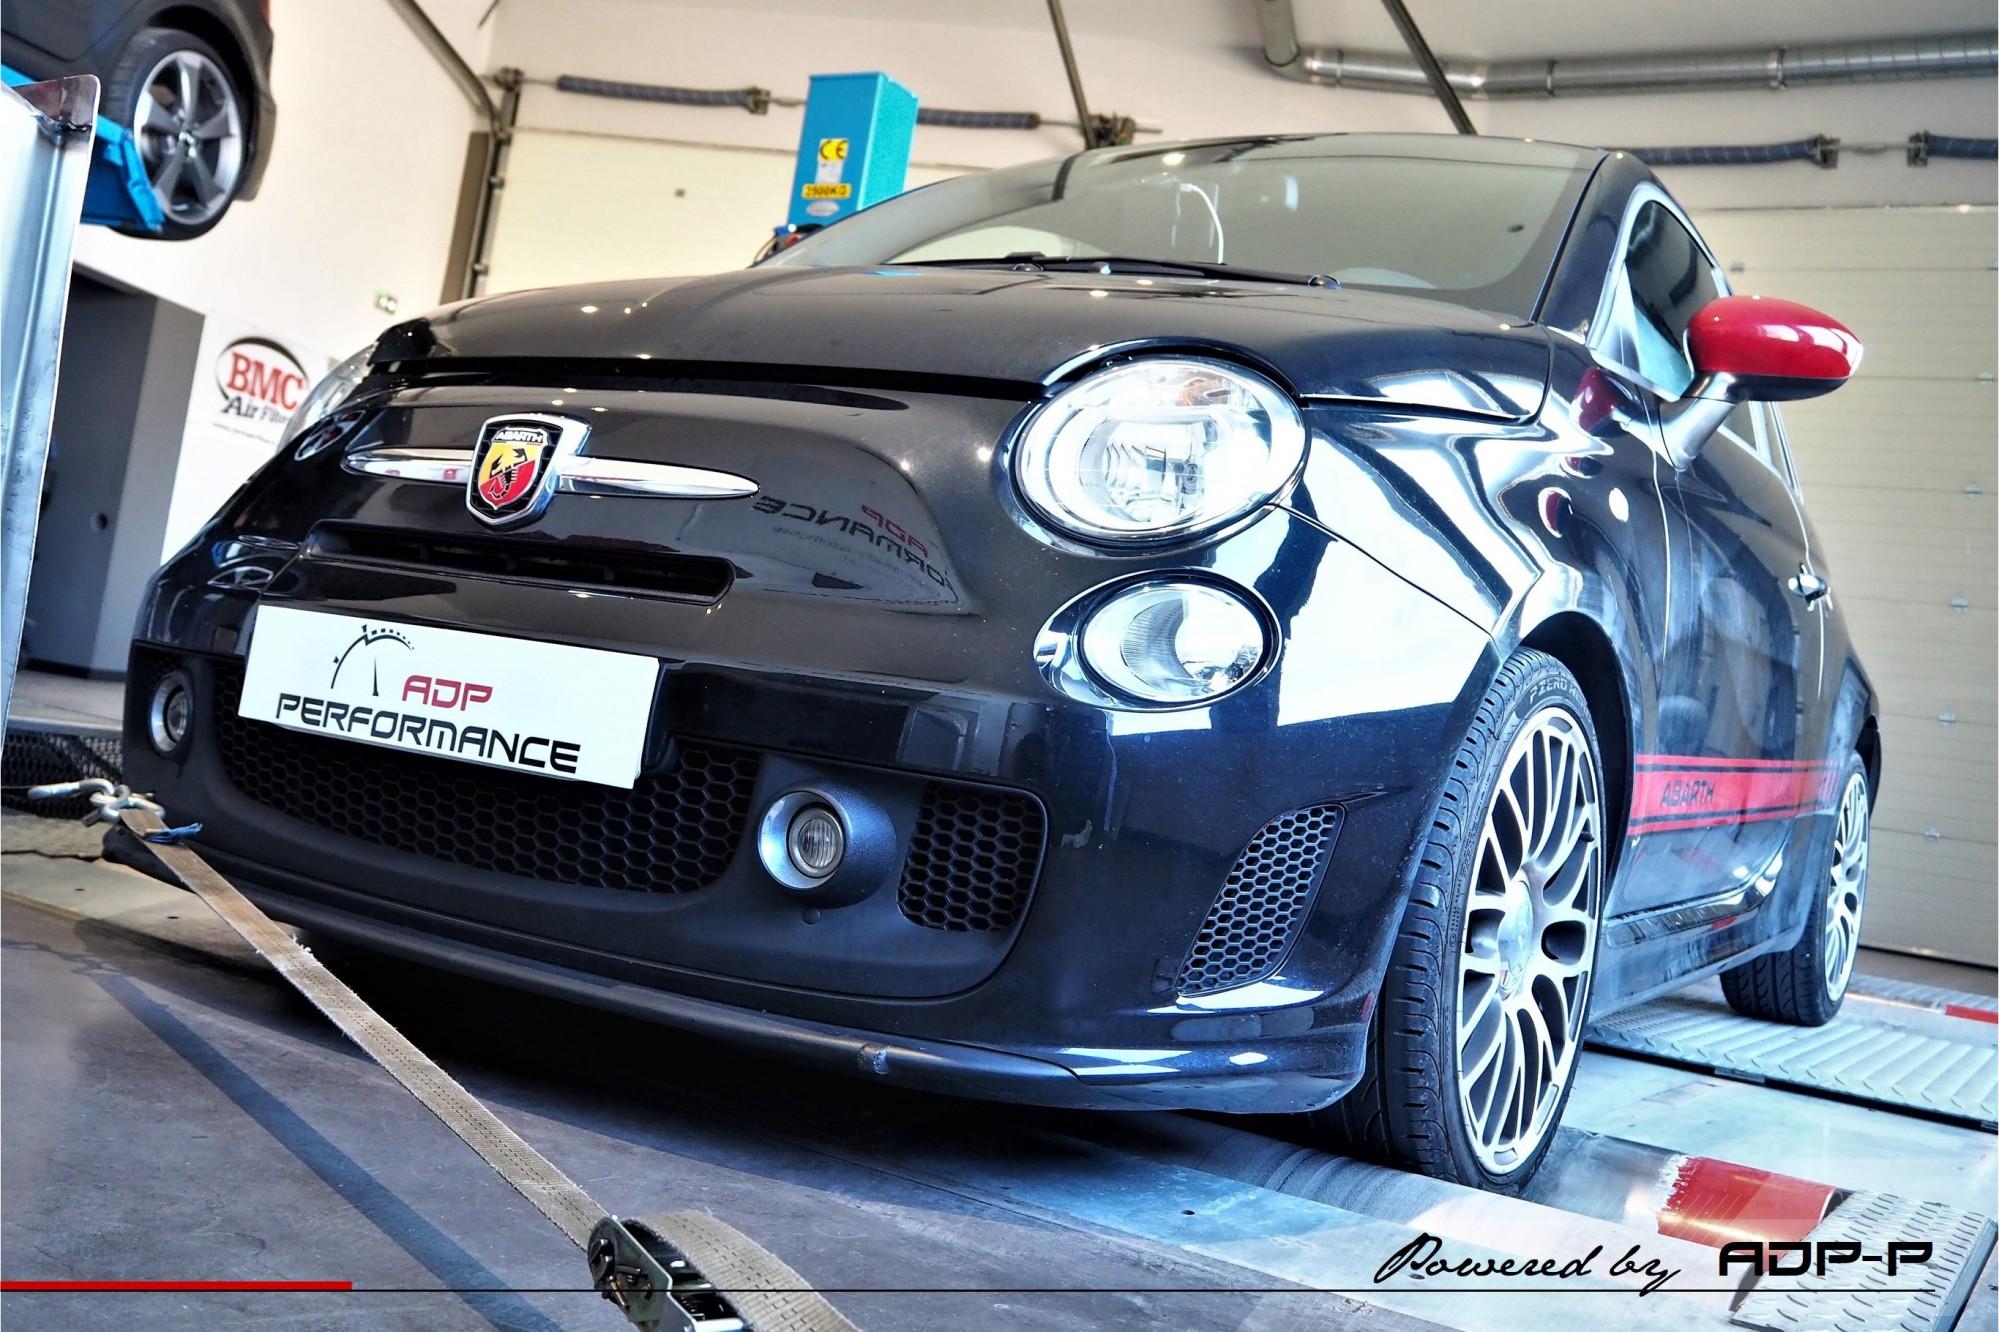 Reprogrammation moteur Miramas, Martigues, Istres - Fiat 500 Abarth 1.4 Tjet 135cv - ADP Performance